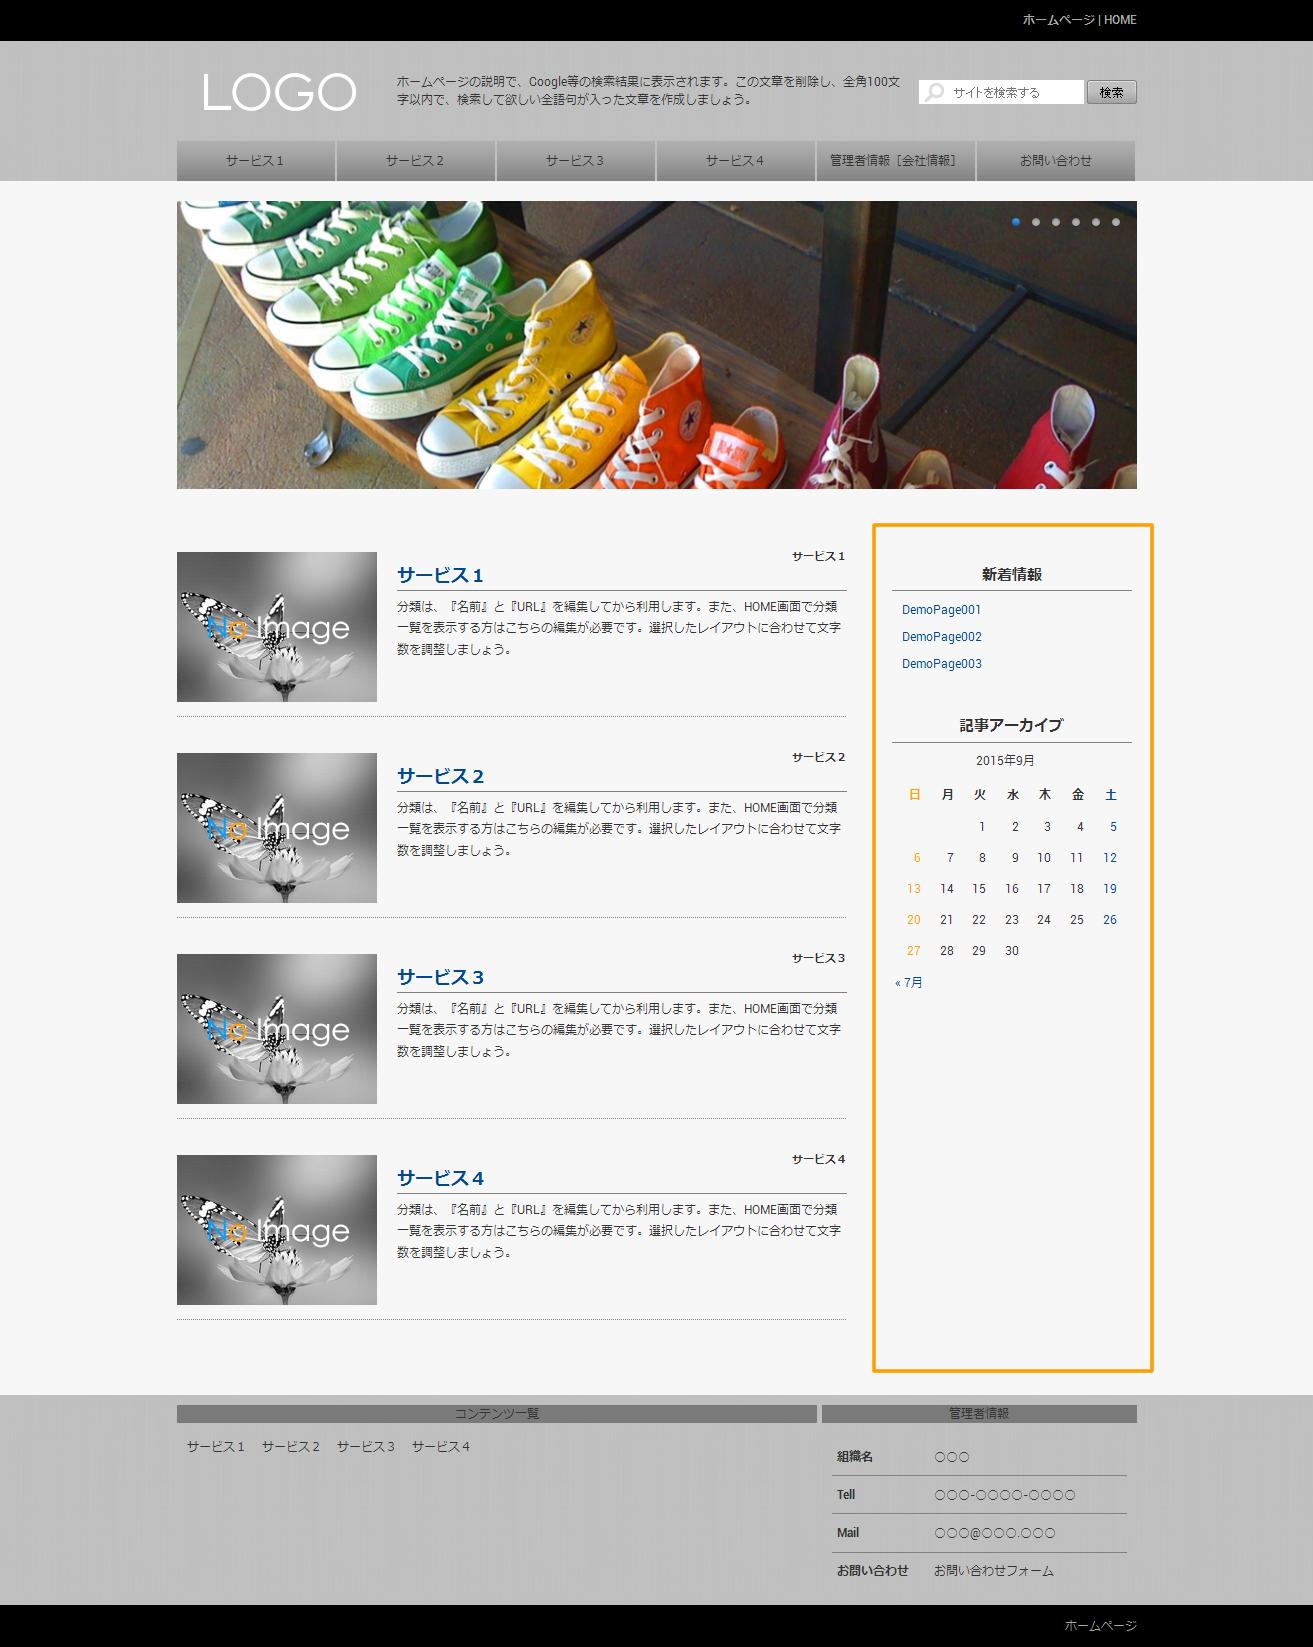 ホームページ サイドバー | 初期費用無料ホームページ作成サイト - FunMaker